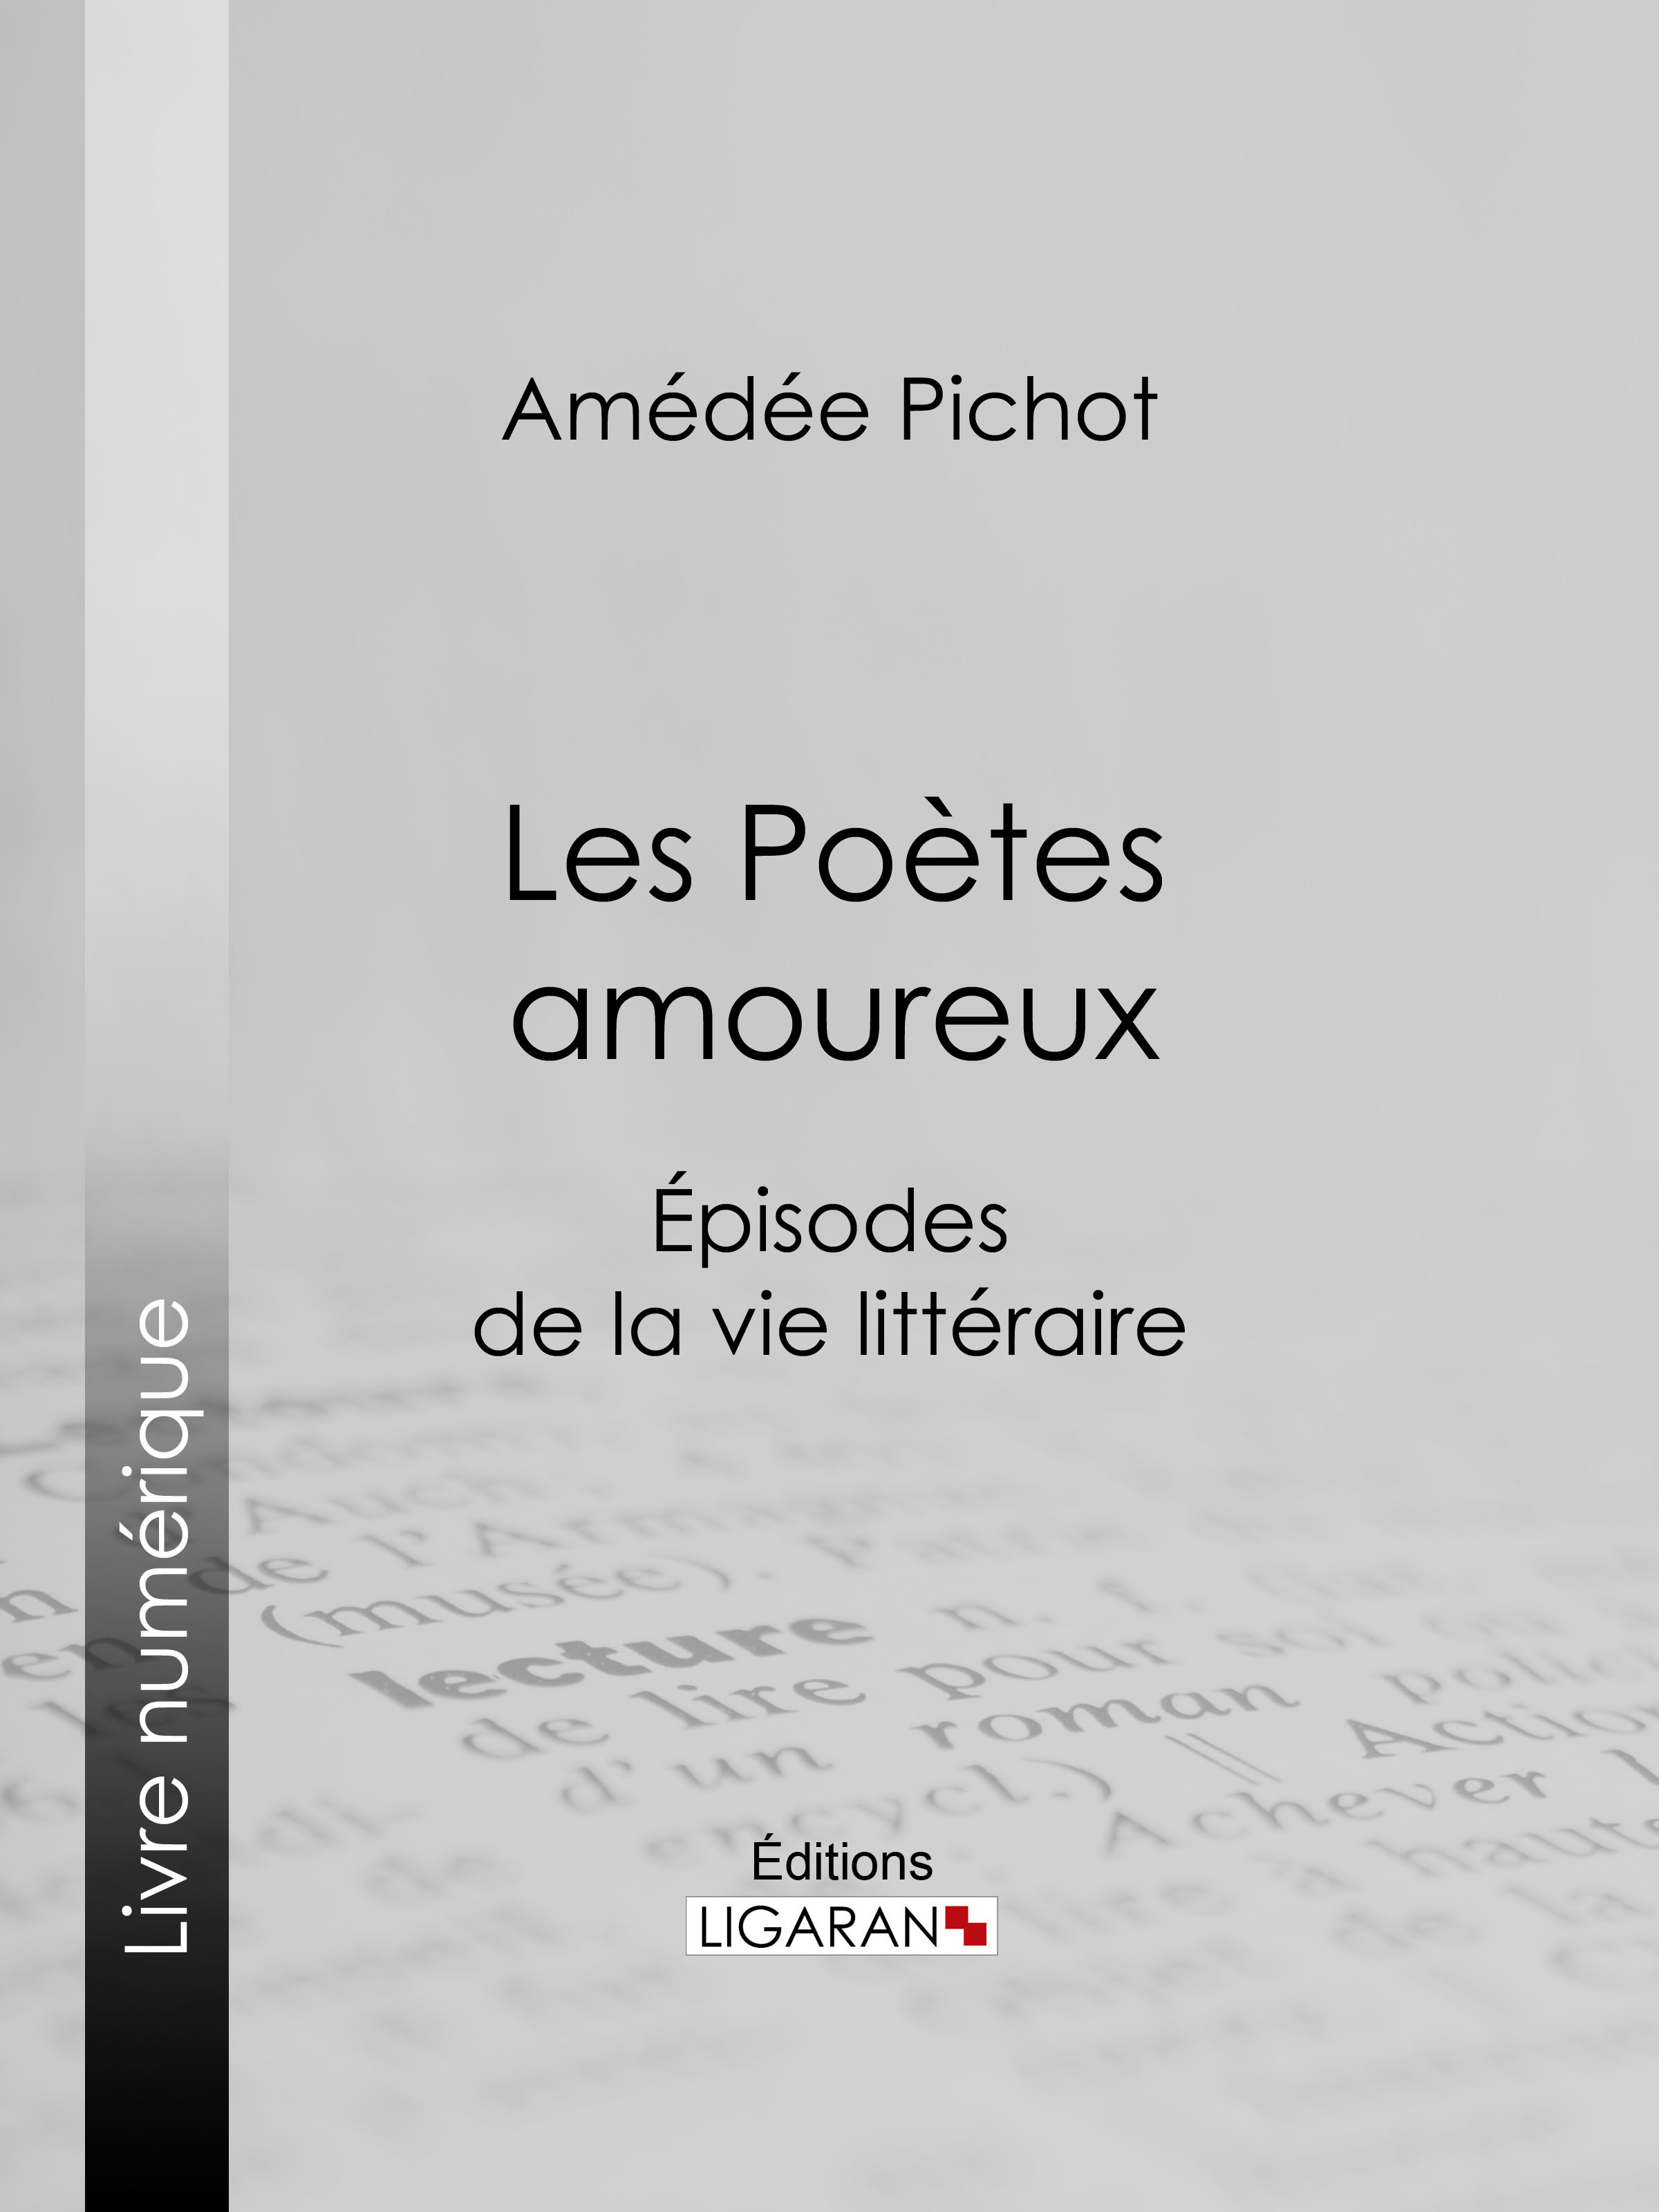 Les Poètes amoureux